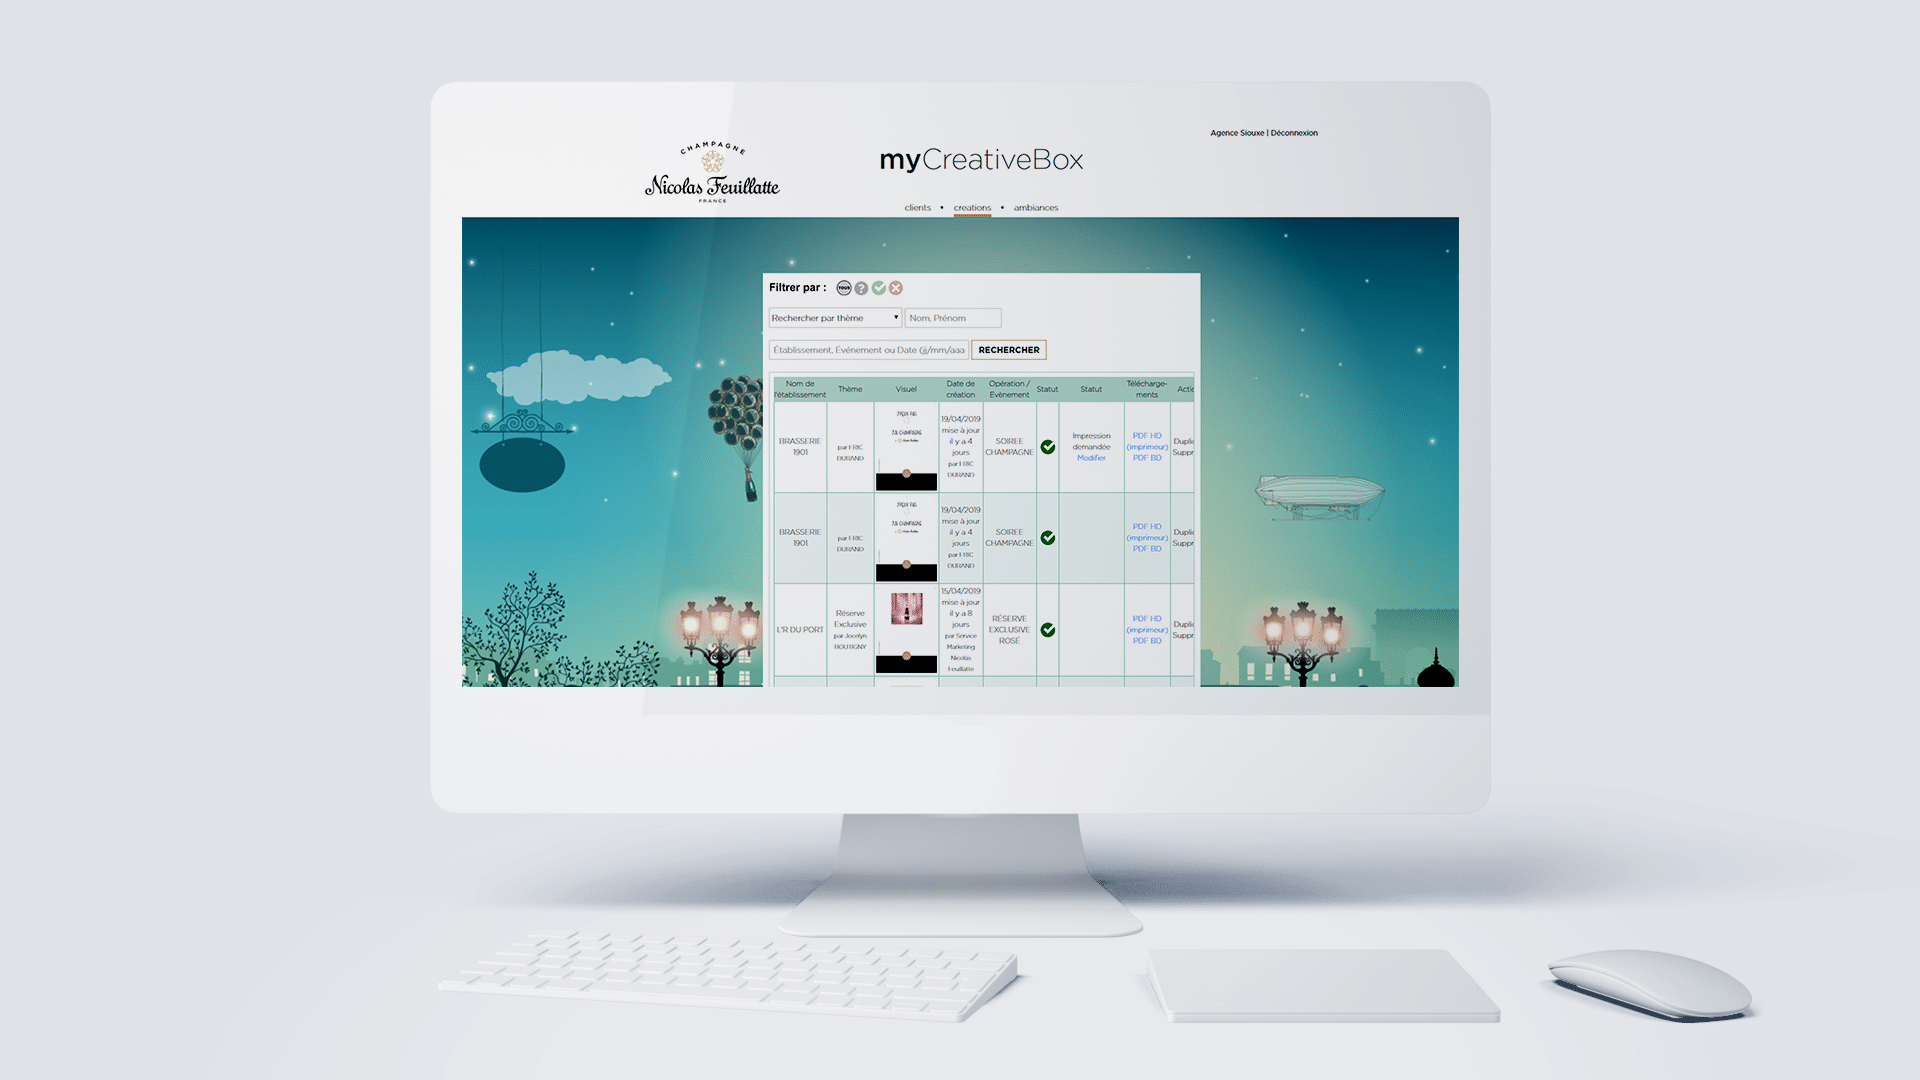 Création d'une application internet My Creative Box de la marque de champagne Nicolas Feuillatte. Support réalisé par l'agence de communication digitale Siouxe.